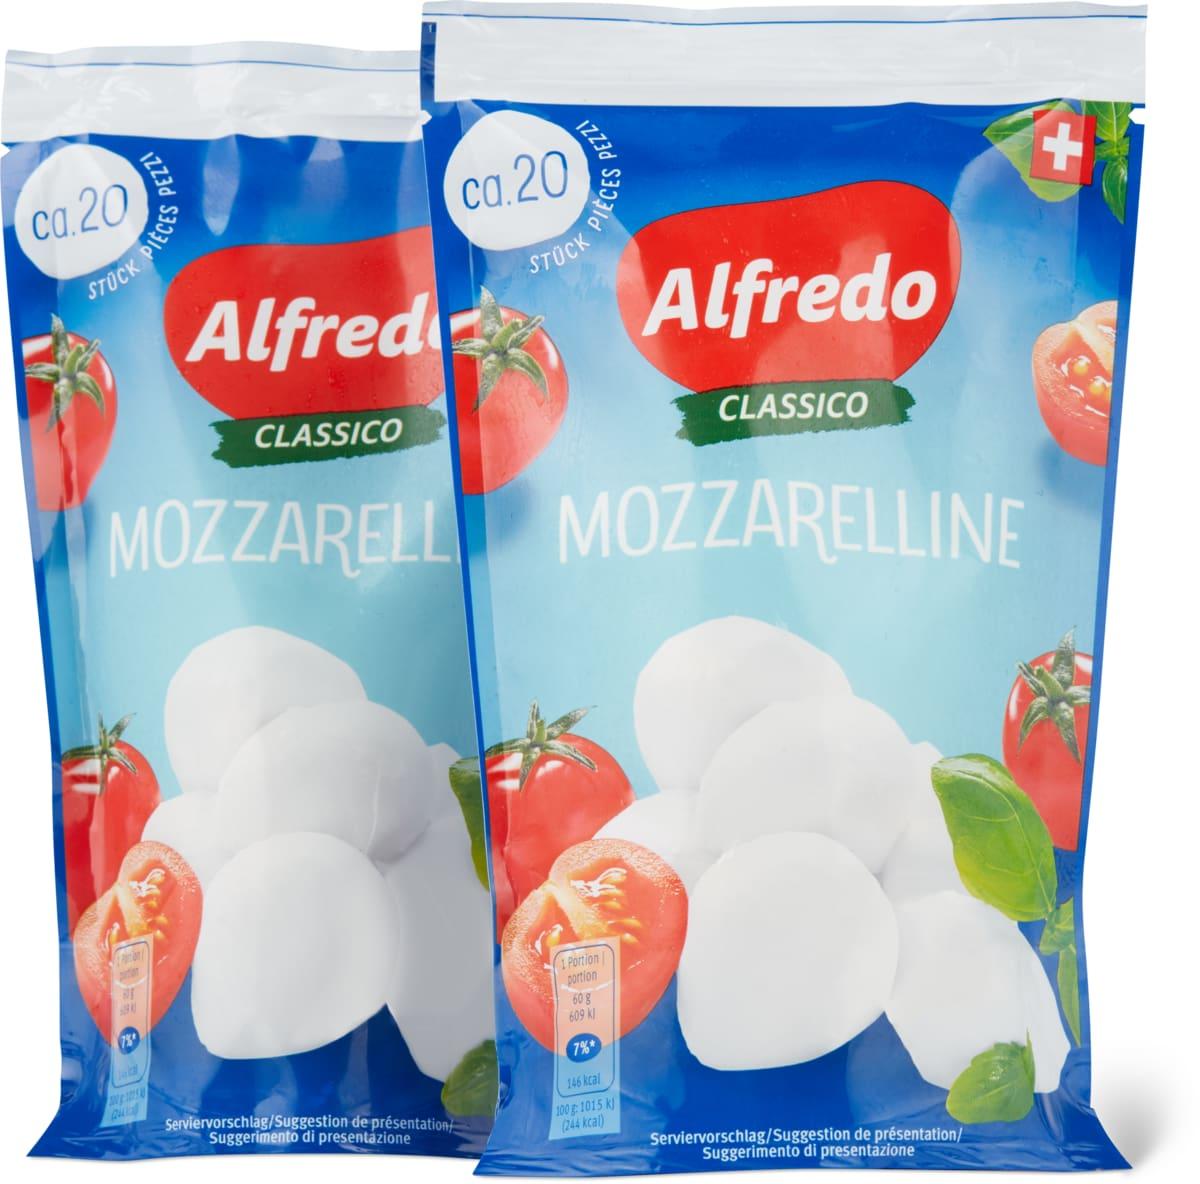 Alfredo Classico Mozzarelline